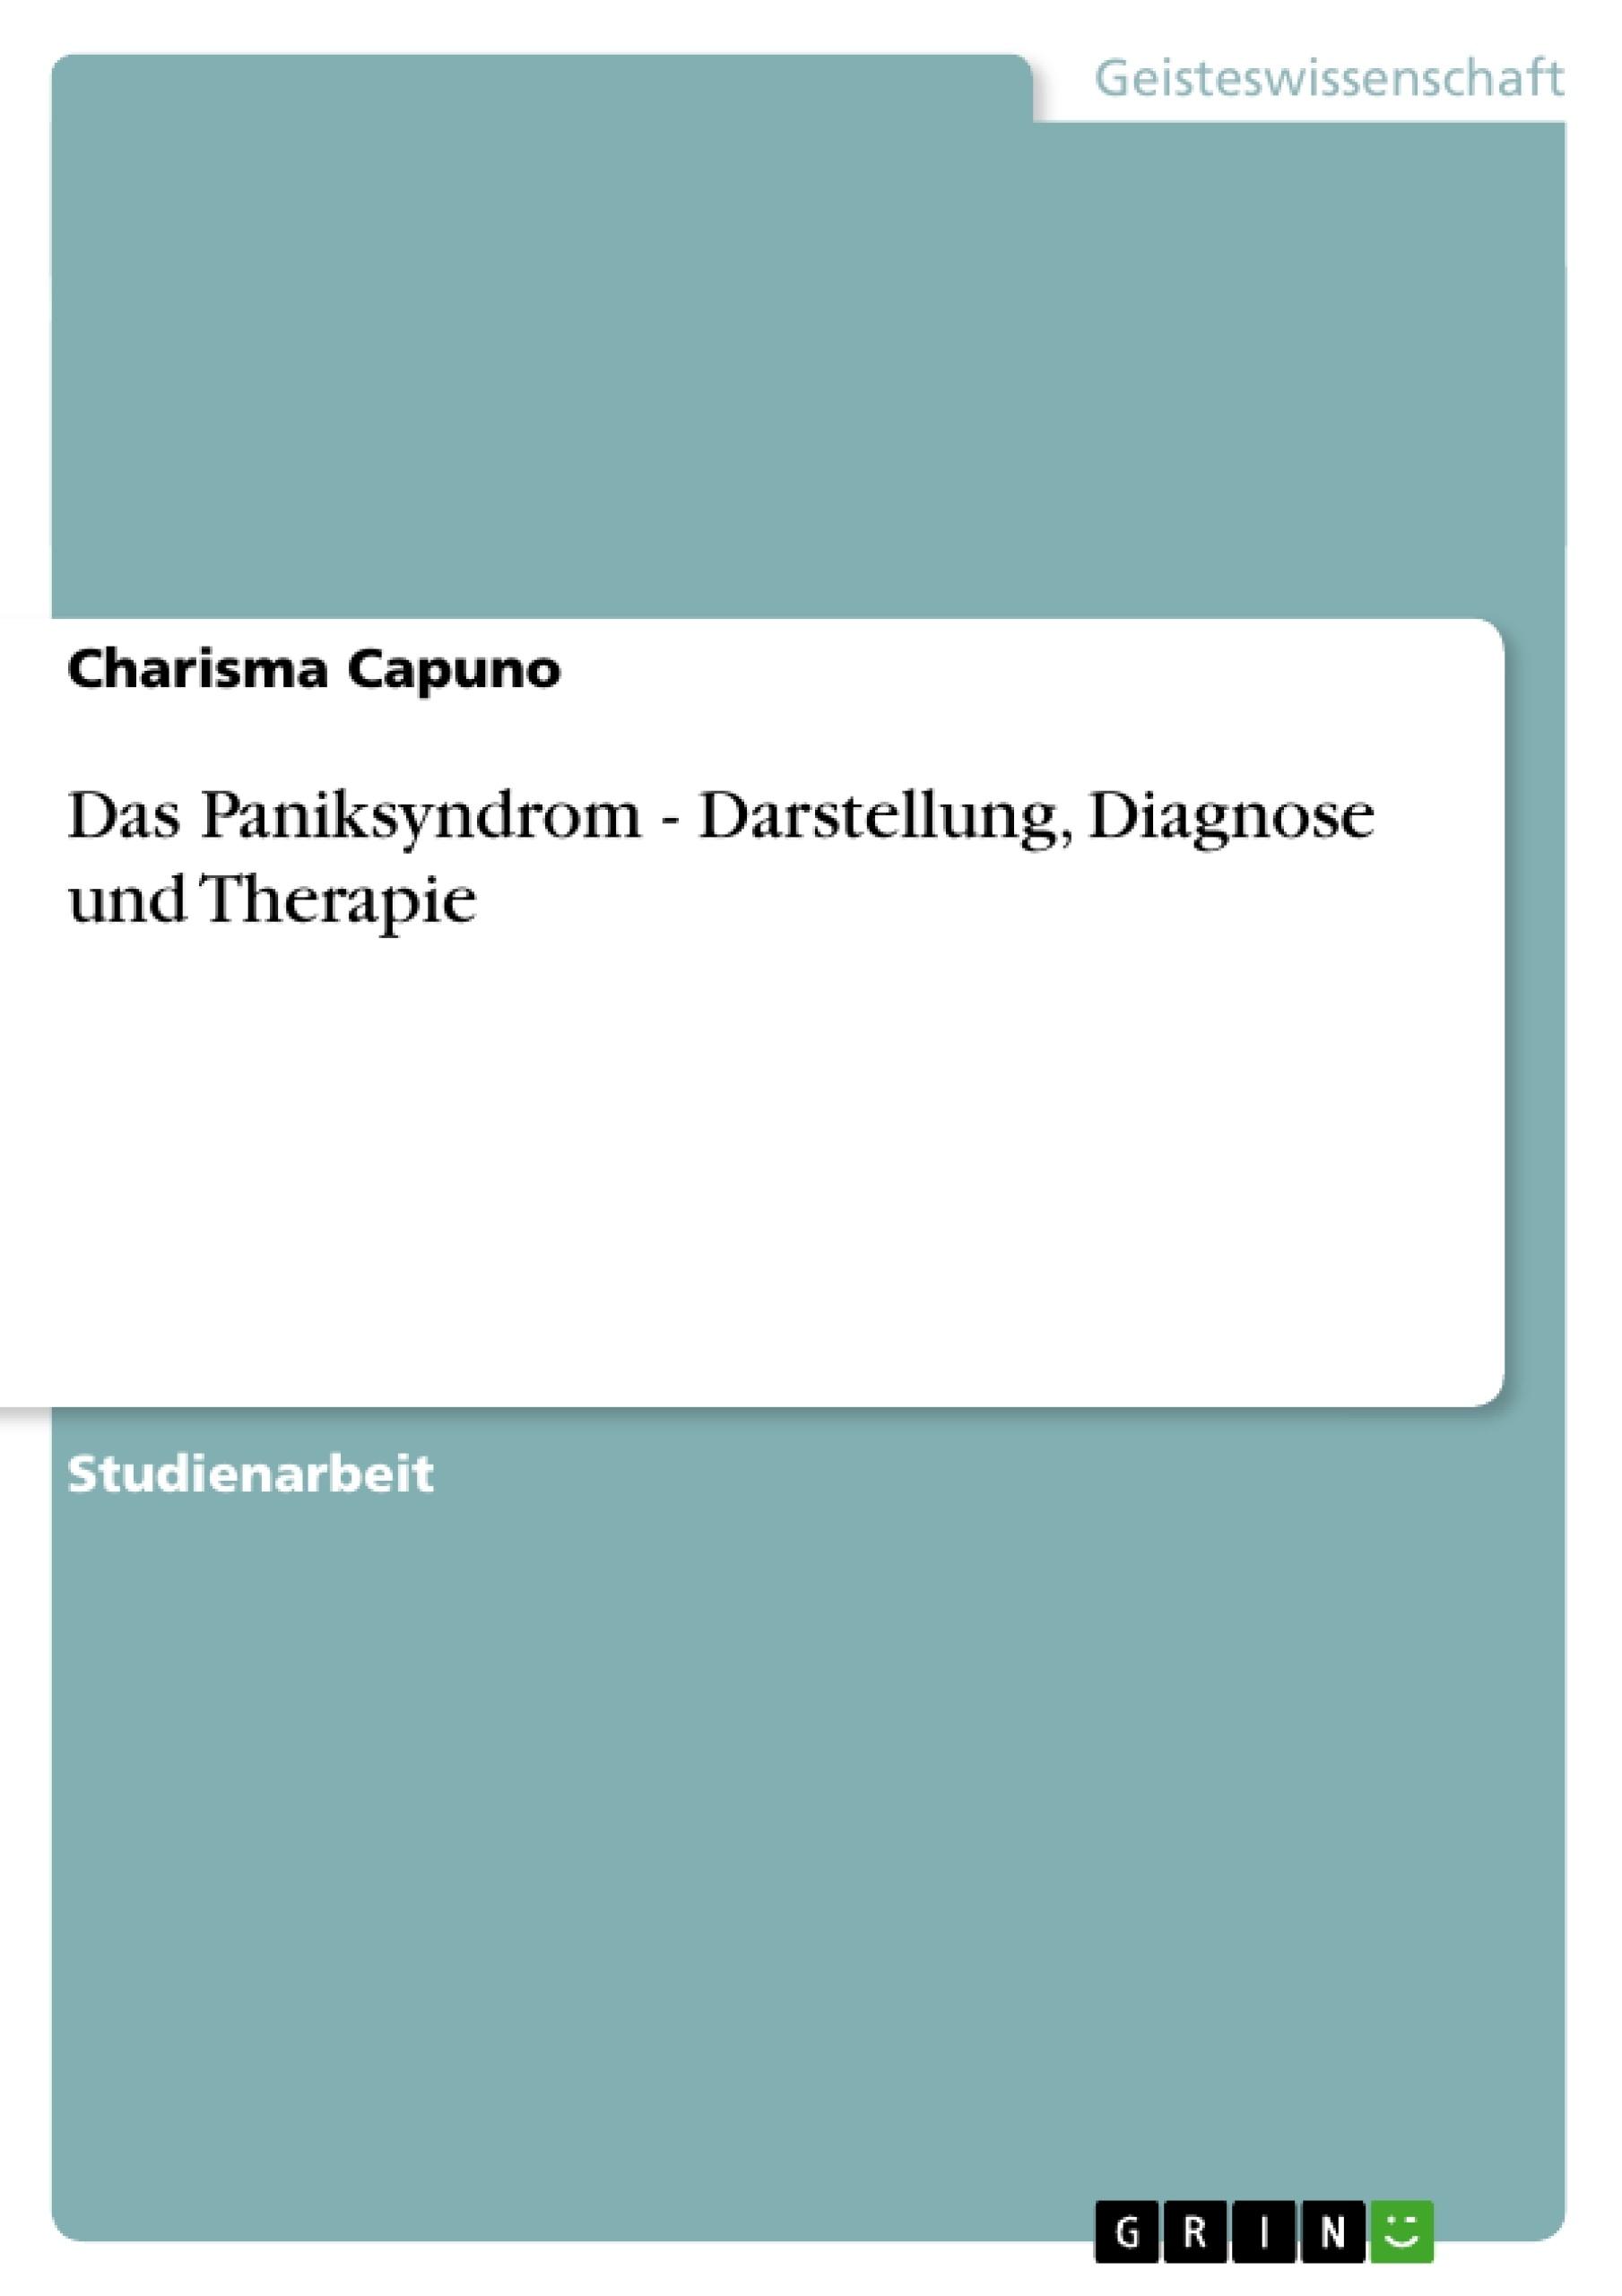 Titel: Das Paniksyndrom - Darstellung, Diagnose und Therapie